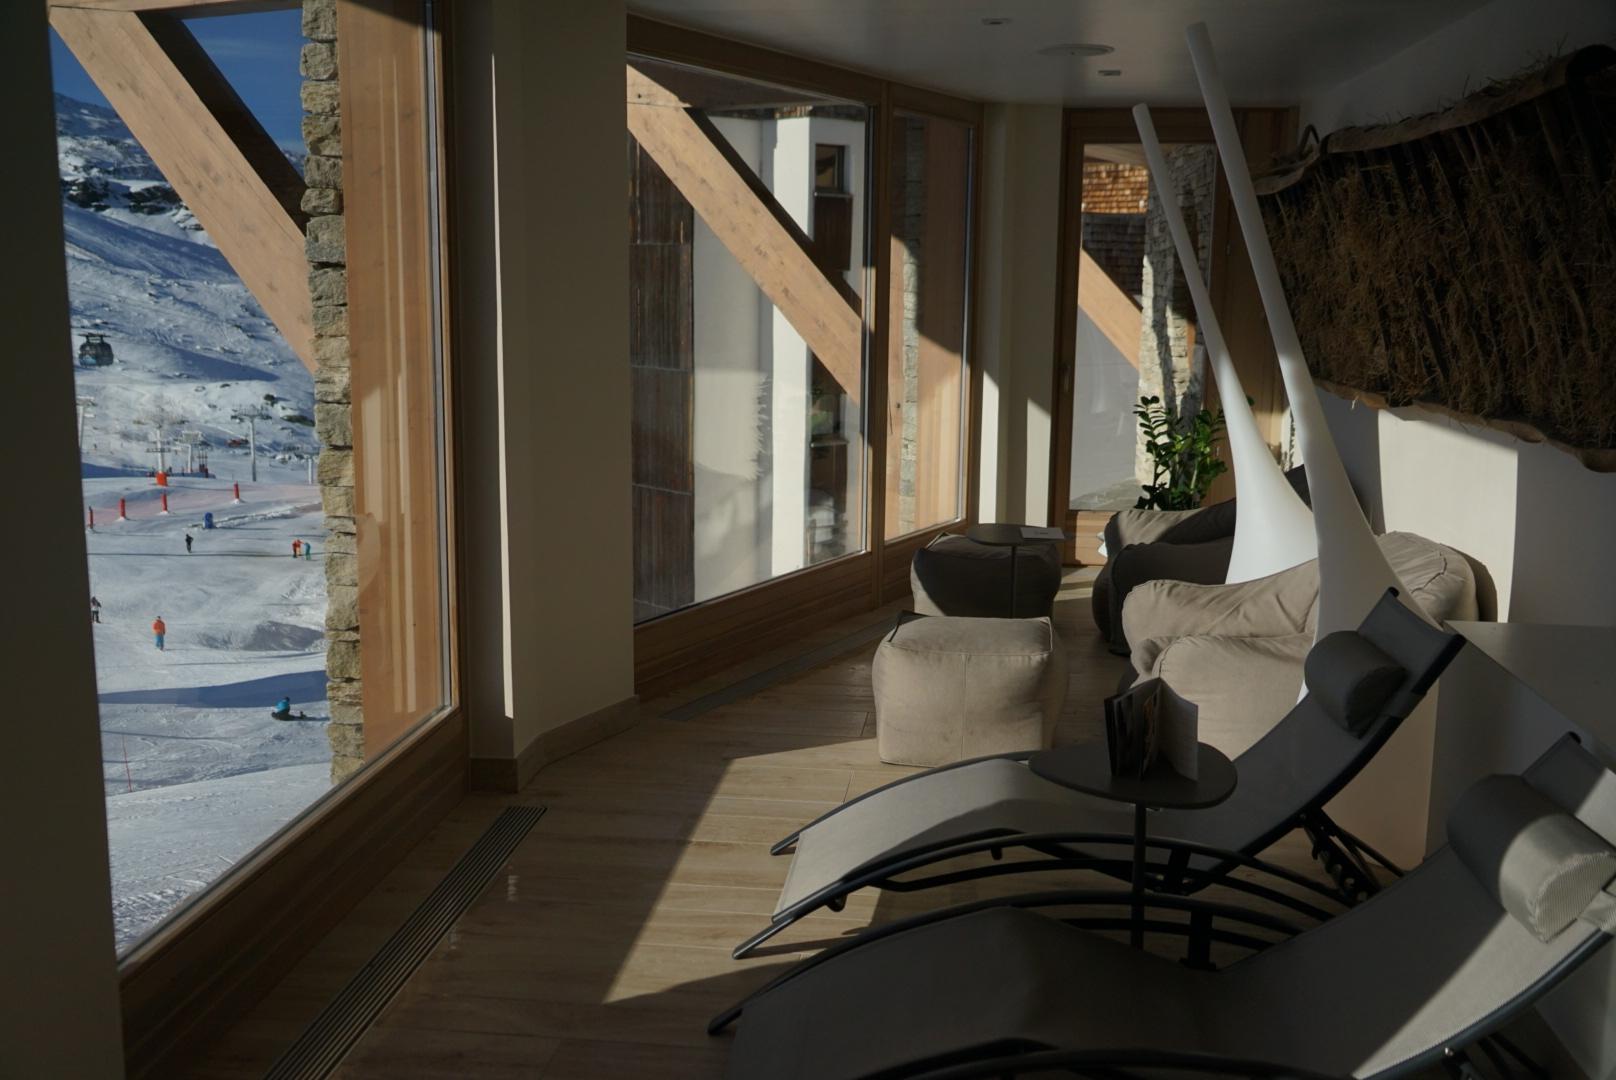 détente, spa, espace, val thorens, hôtel, hôtel pashmina, piscine, jacuzzi, hammam, saune, relaxation, l'occitane